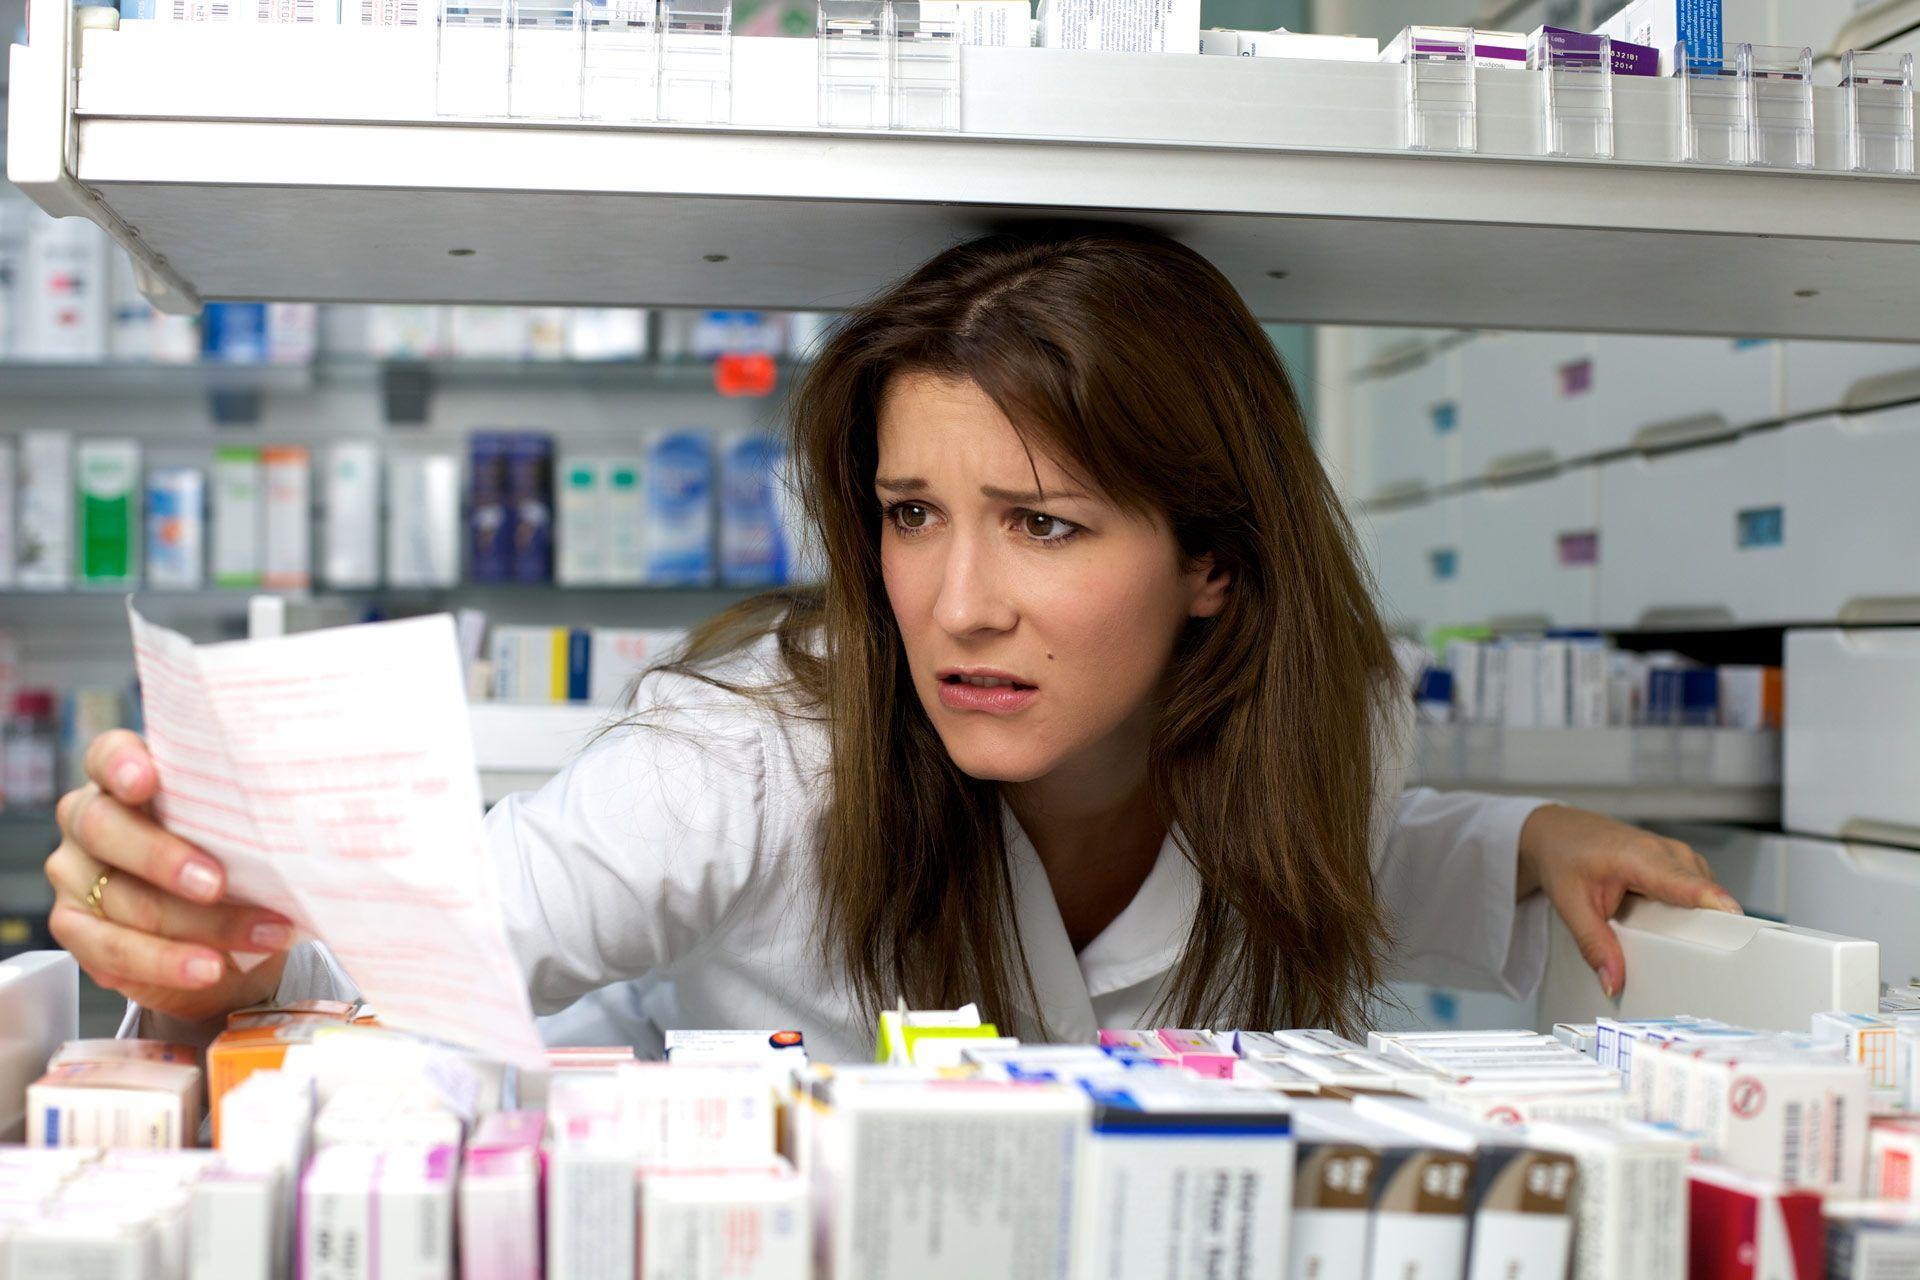 В России может закрыться половина аптек из-за лекарств в супермаркетах